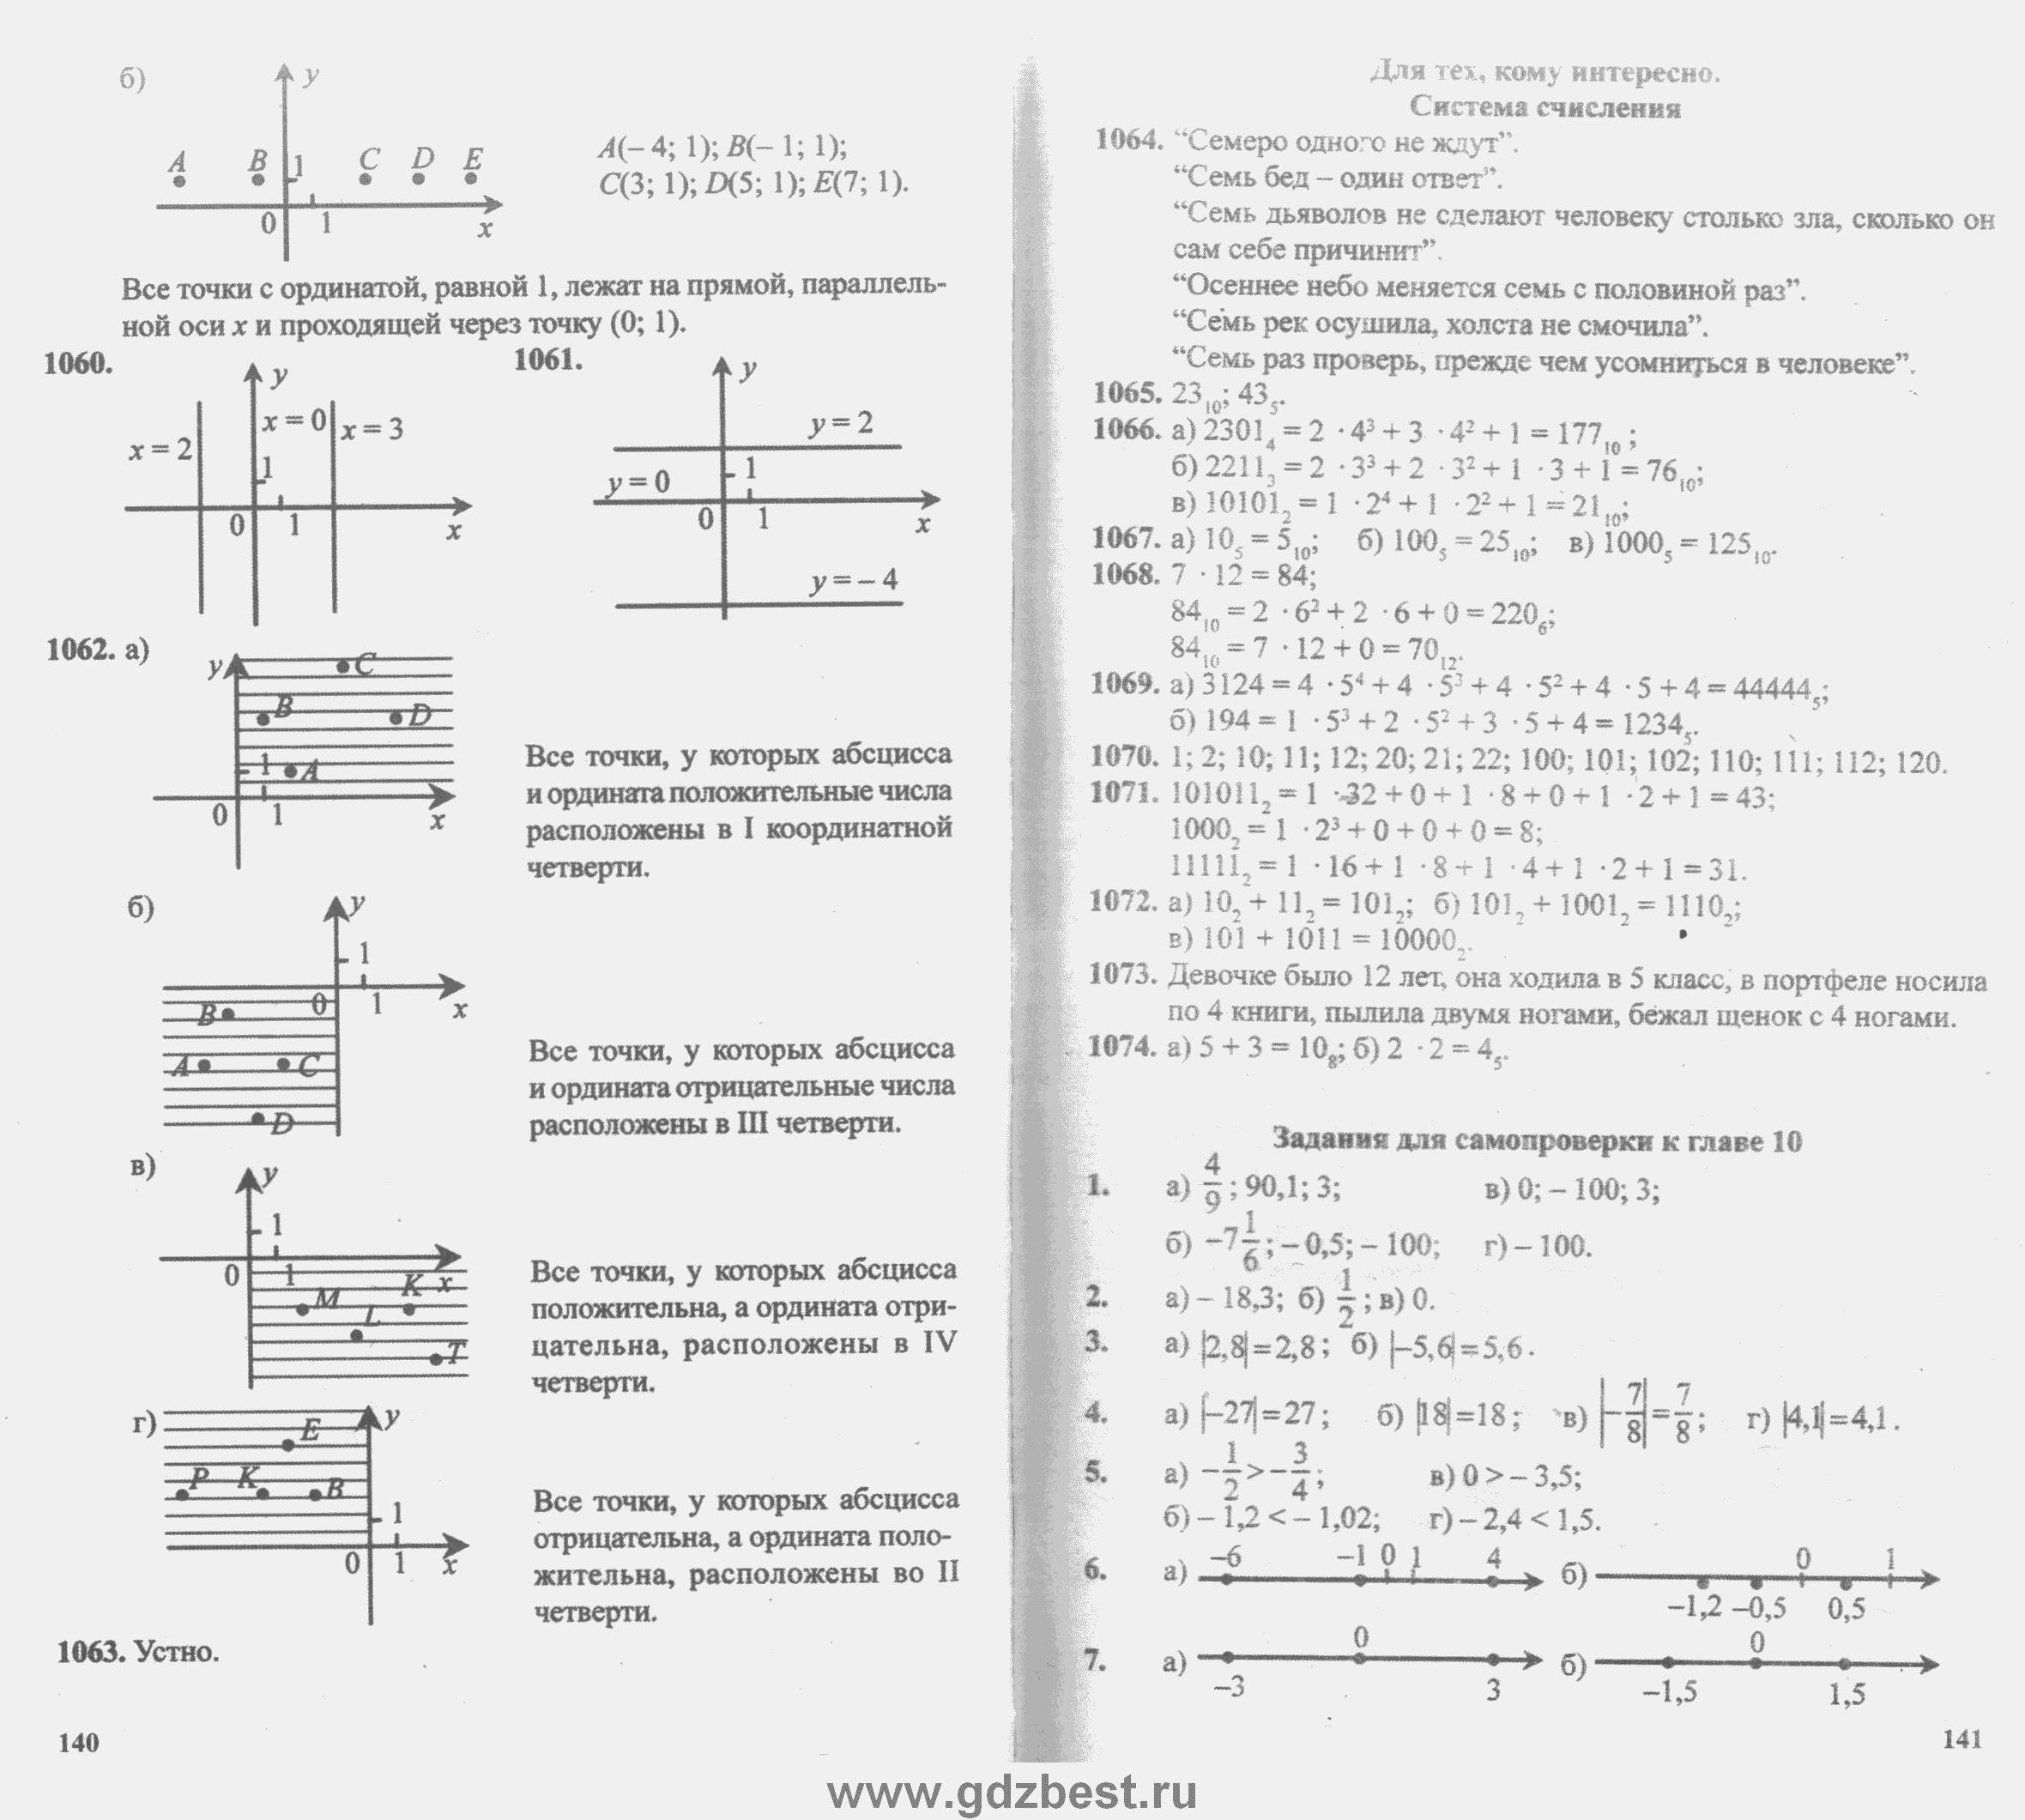 Гдз по истории рабочая тетрадь 6 класс учебник данилова и давыдовой